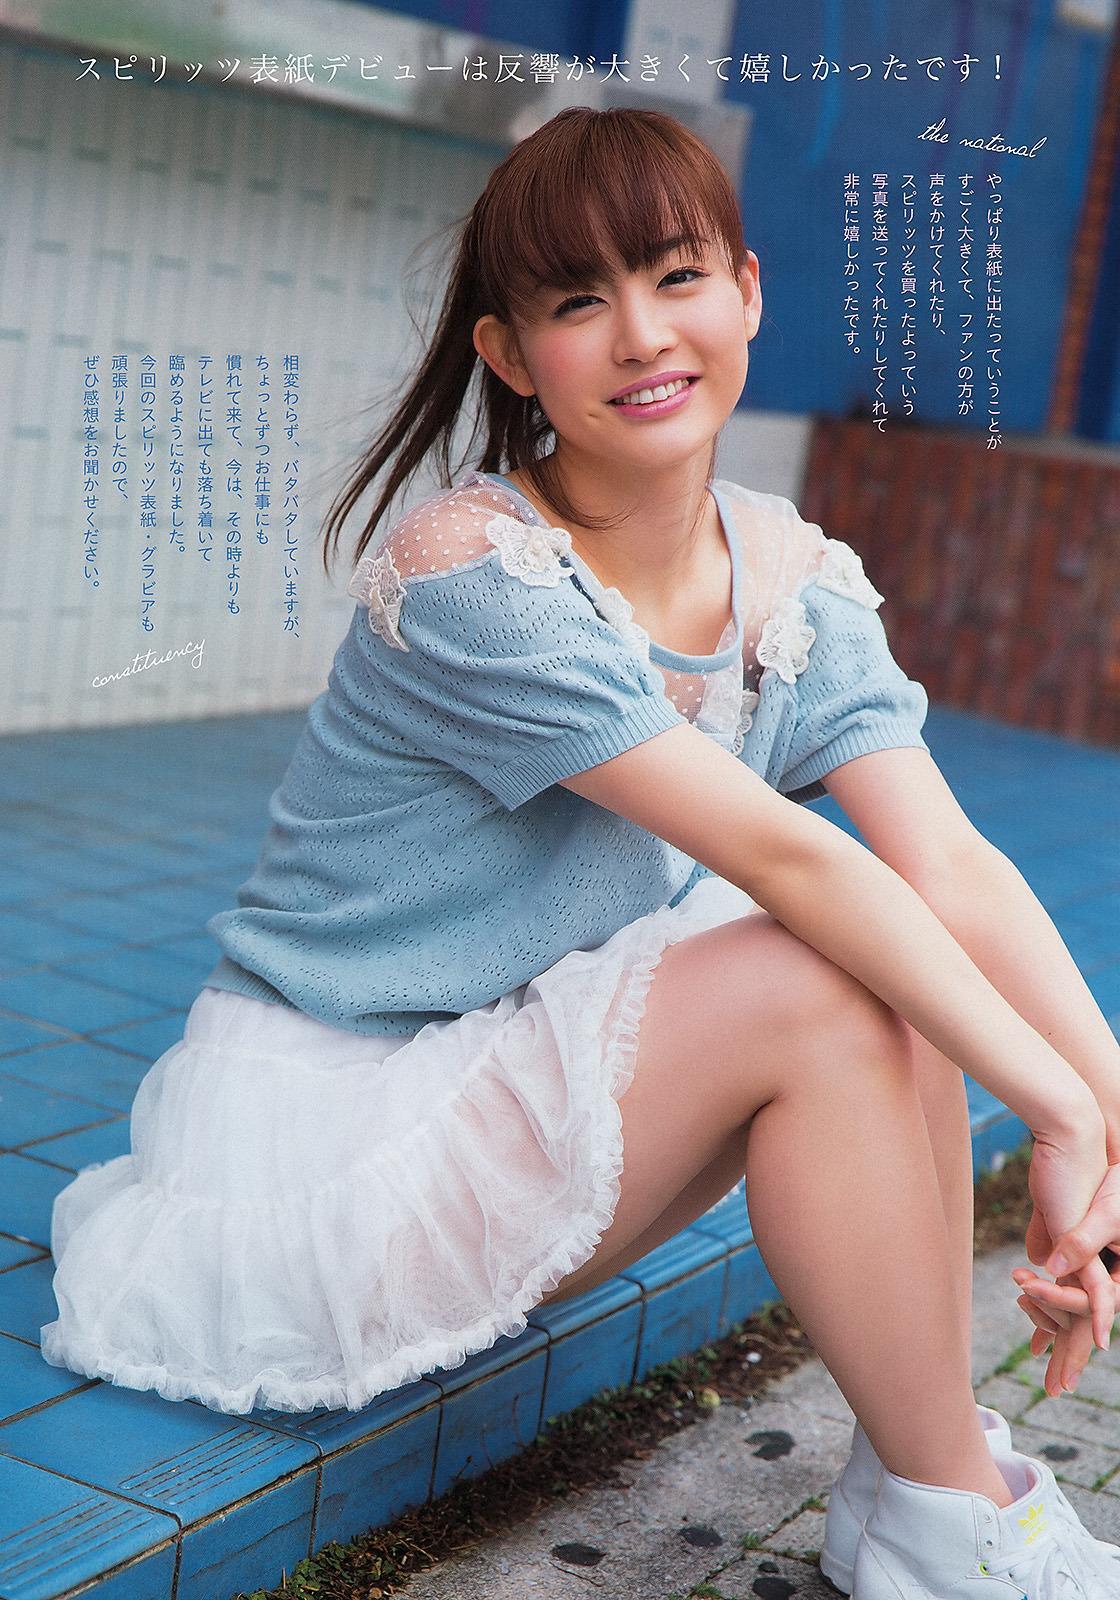 新井恵理那アナのかわいい画像(インスタ/Twitter/CM/弓道)まとめ【画像50枚】